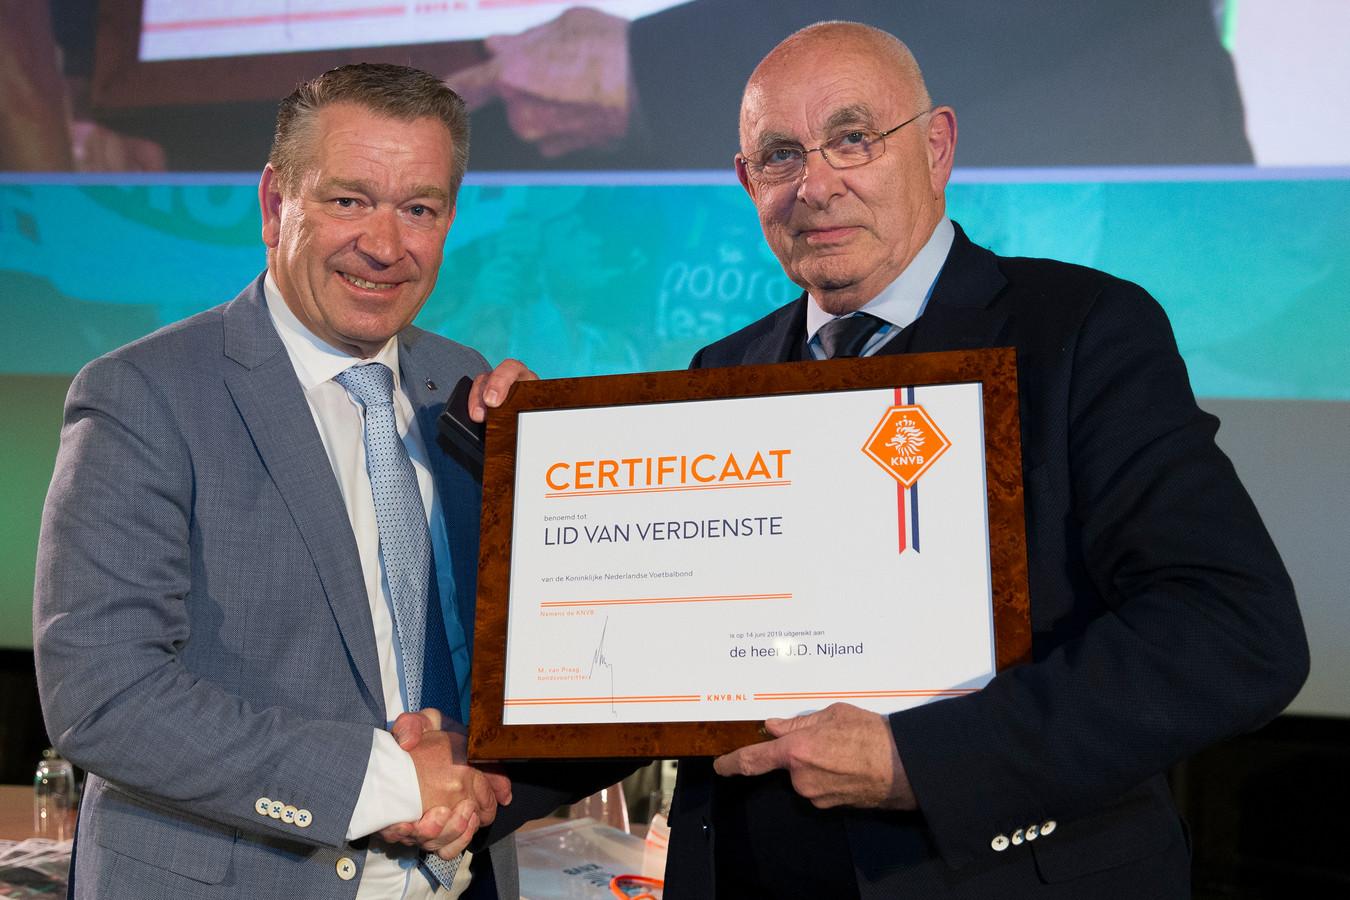 Afscheidsreceptie Hans Nijland, Certificaat Lid van Verdiensten, Michael van Praag